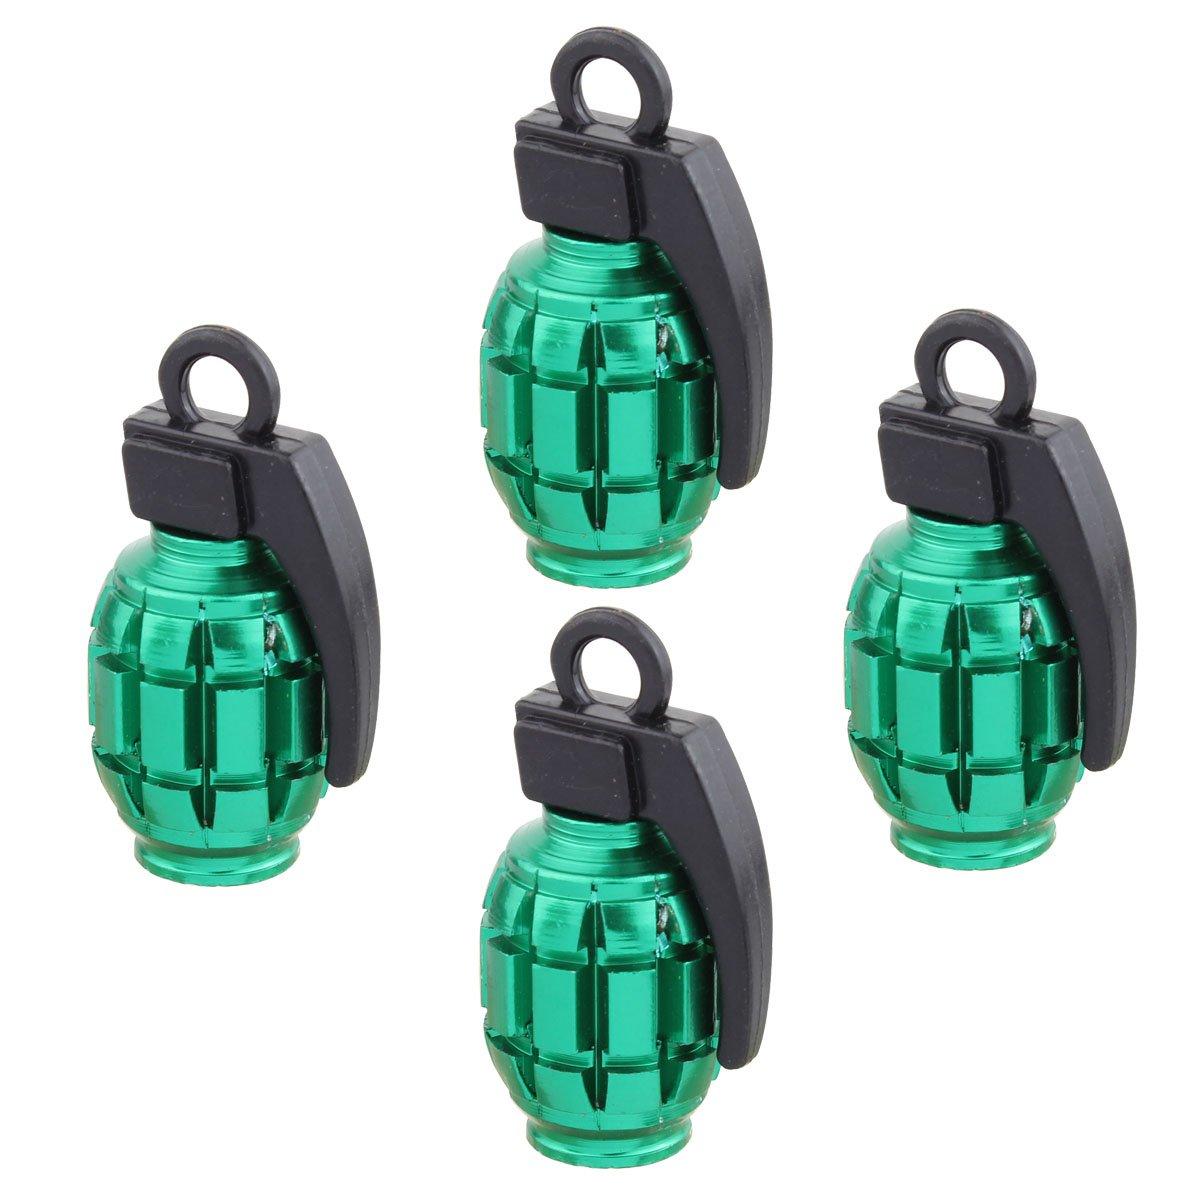 4 pezzi nero TOMALL Tappi valvola della gomma a mano stile bomba a mano per auto moto bicicletta lega di alluminio valvola aria caps